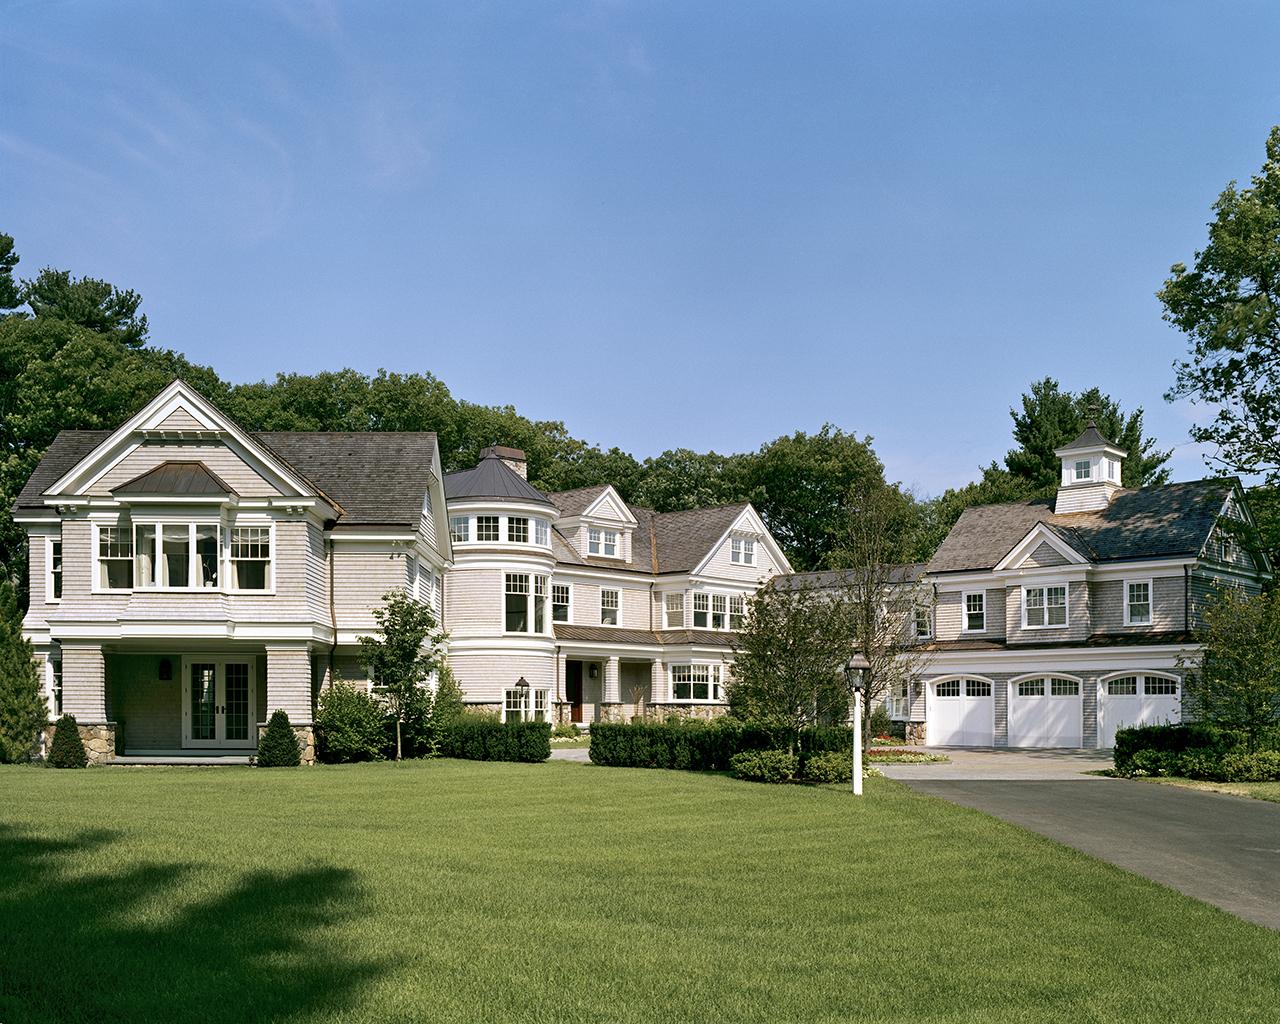 homes near private schools